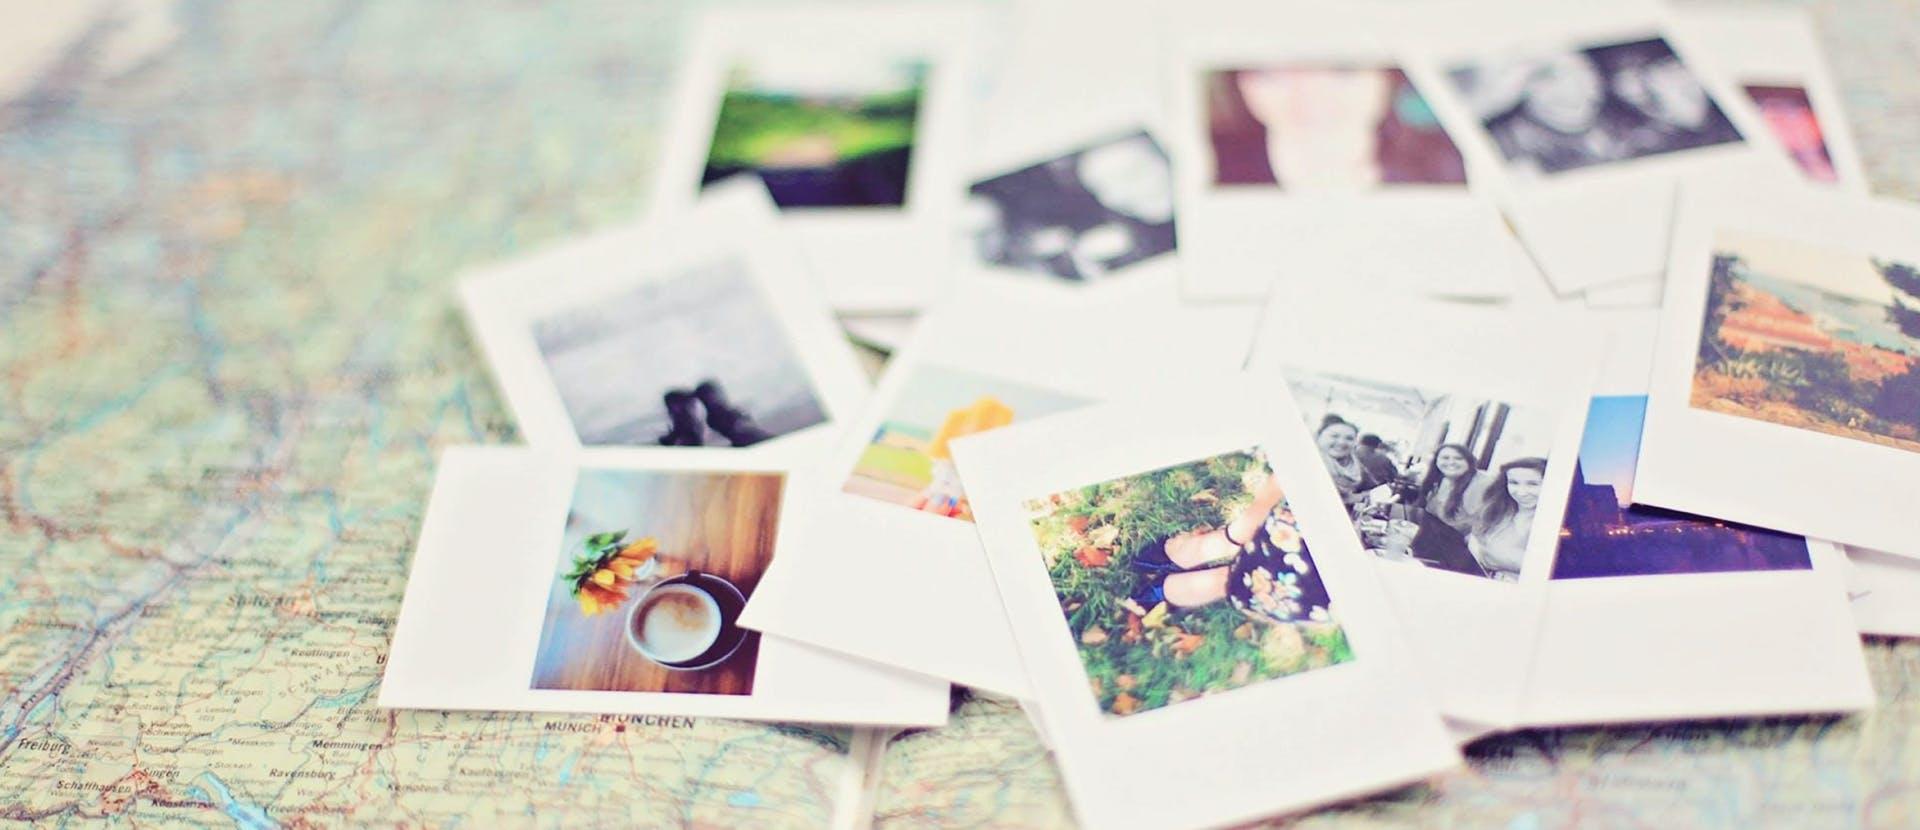 Idee per album fotografici originali